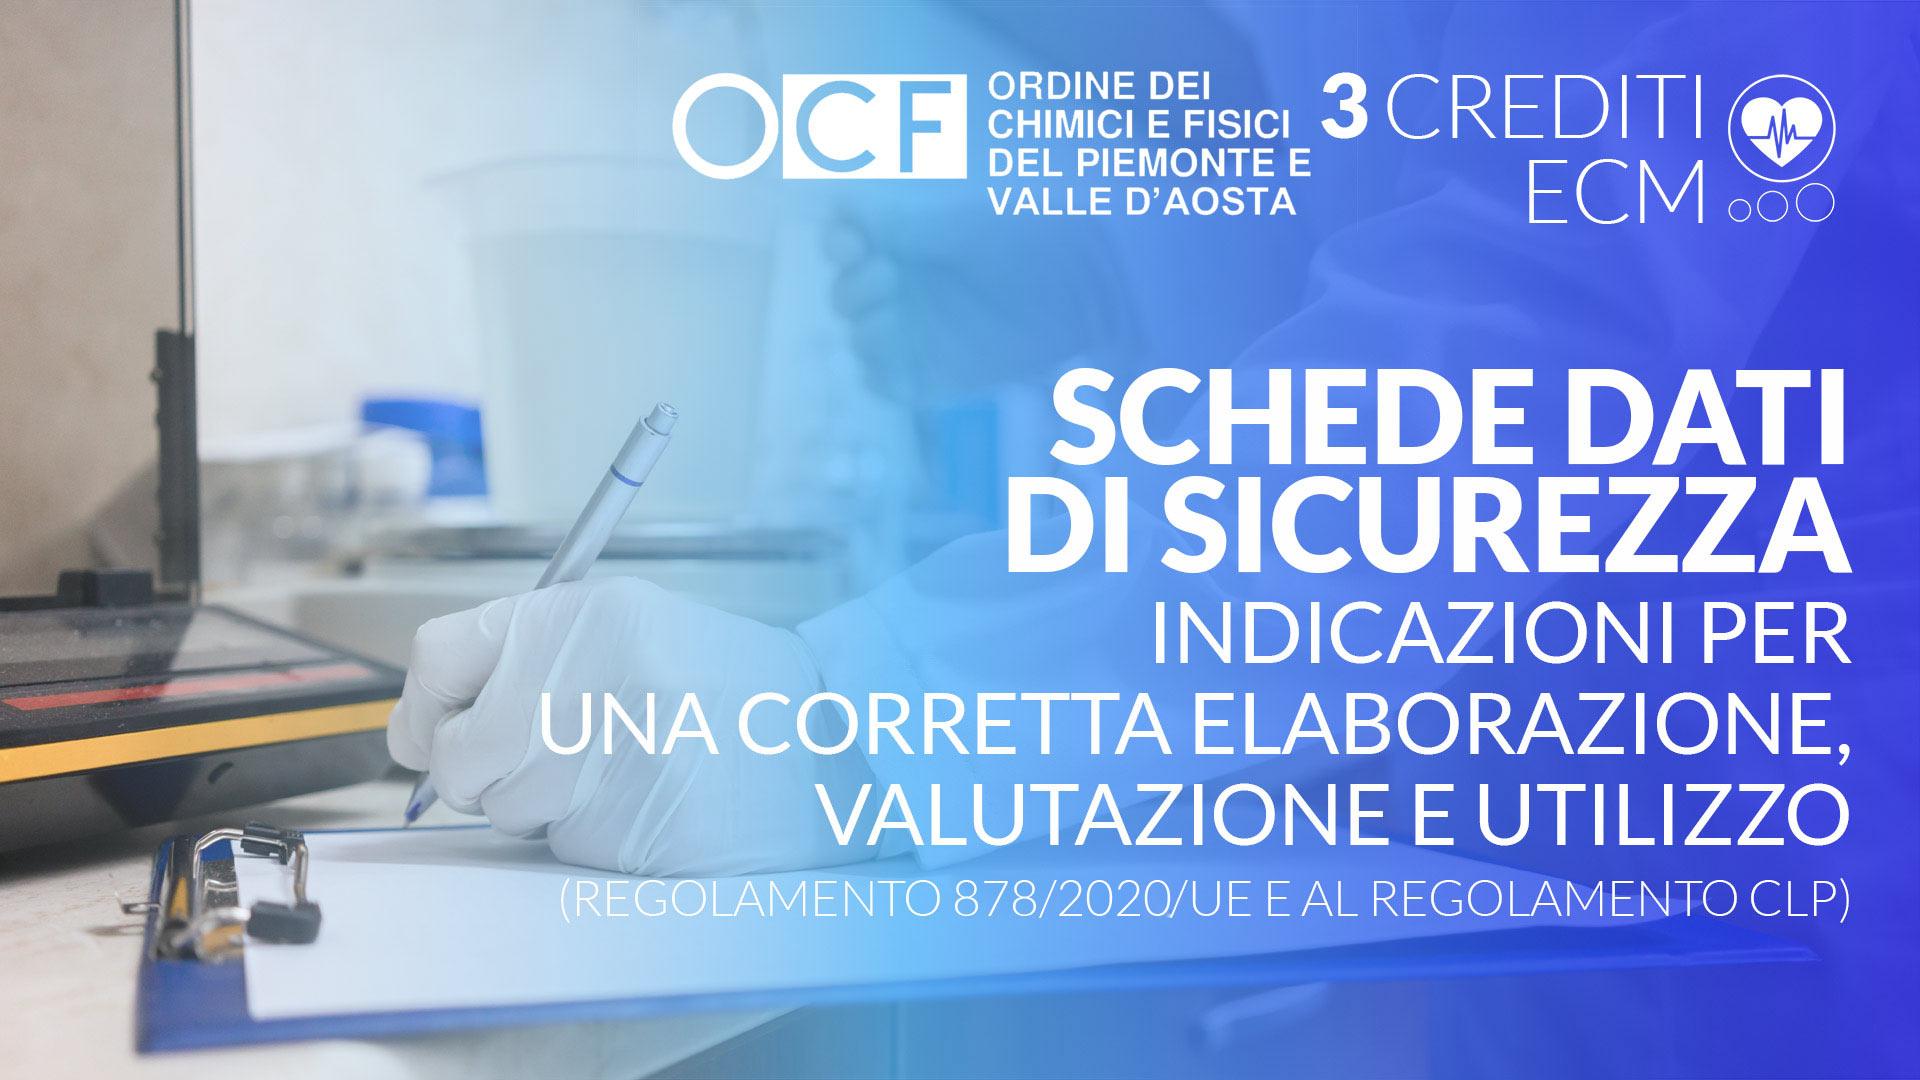 Schede dati di sicurezza. Indicazioni per una corretta elaborazione, valutazione e utilizzo (Regolamento 878/2020/UE e al Regolamento CLP)